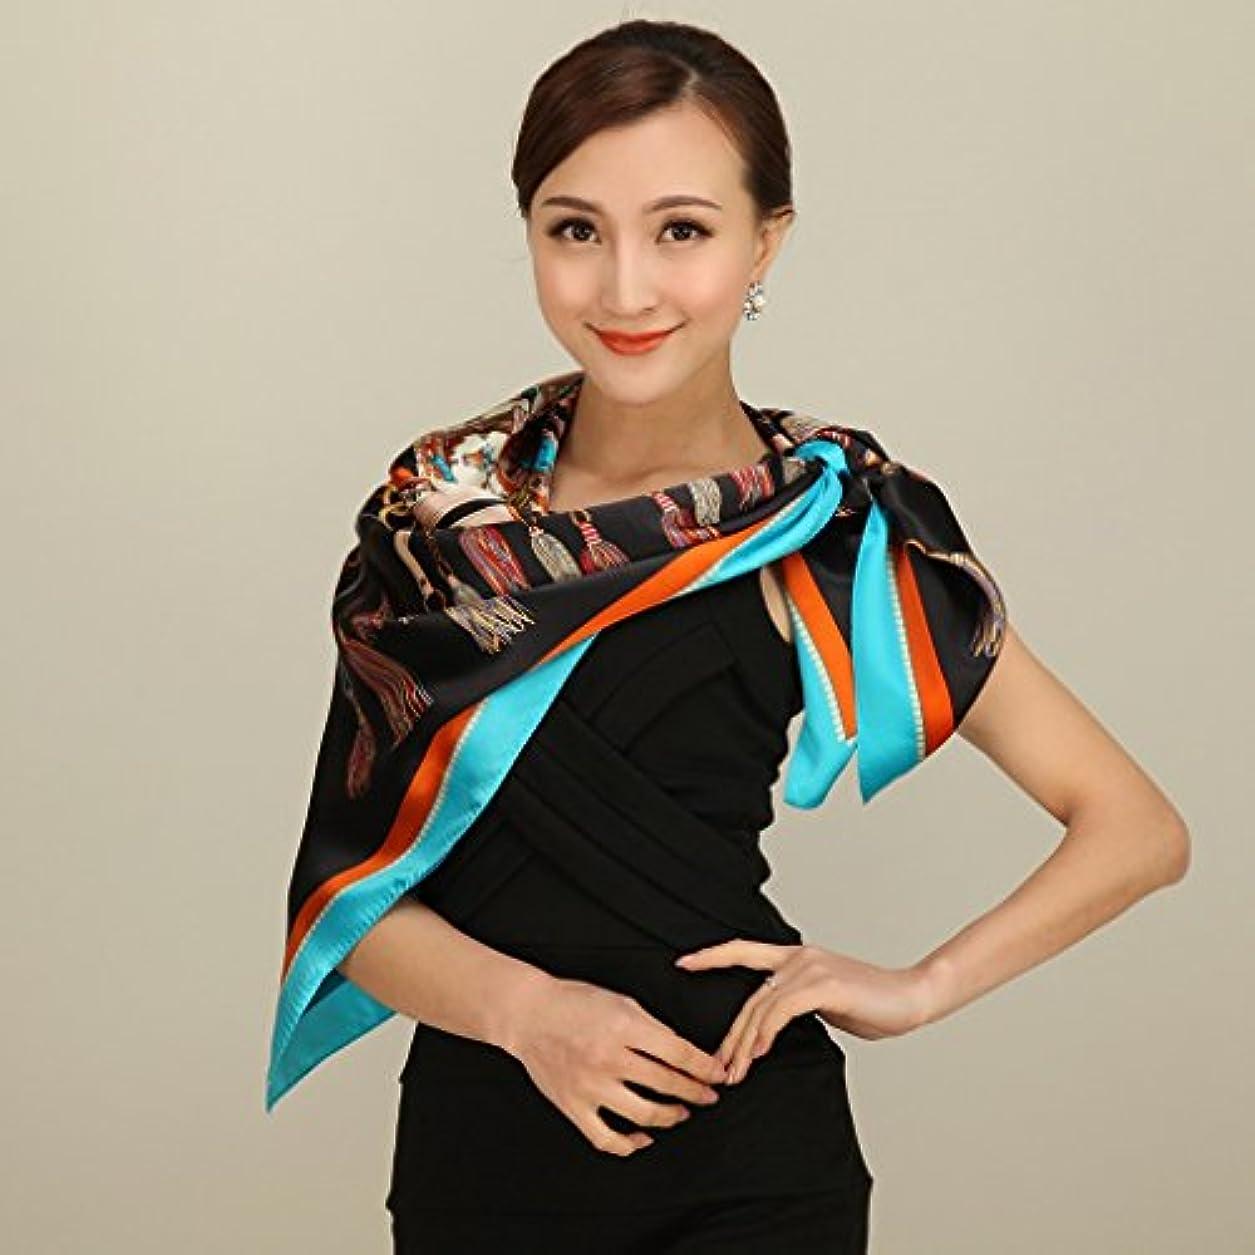 悲劇的な資格マインドGAODUZI 春と秋の女性エレガントな重いシルクのスカーフ